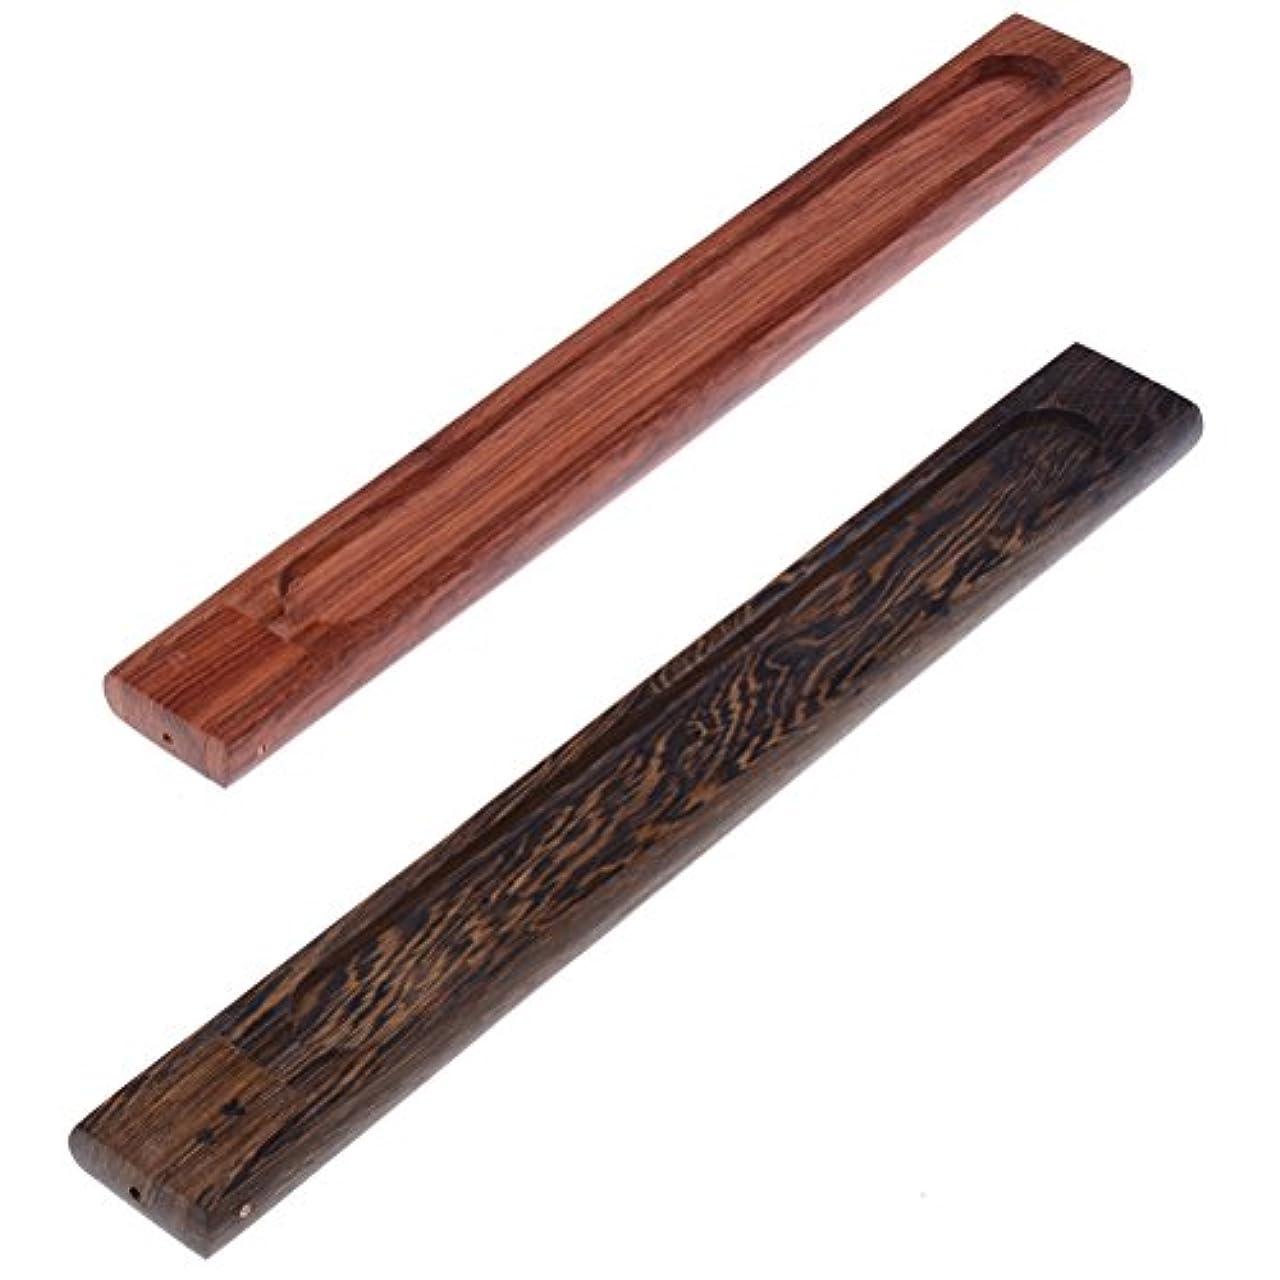 ハッピー教室黒yiphates 2ピース木製香炉スティックホルダーAshキャッチャー木製トレイwith Adjustable Incense Stick Holder